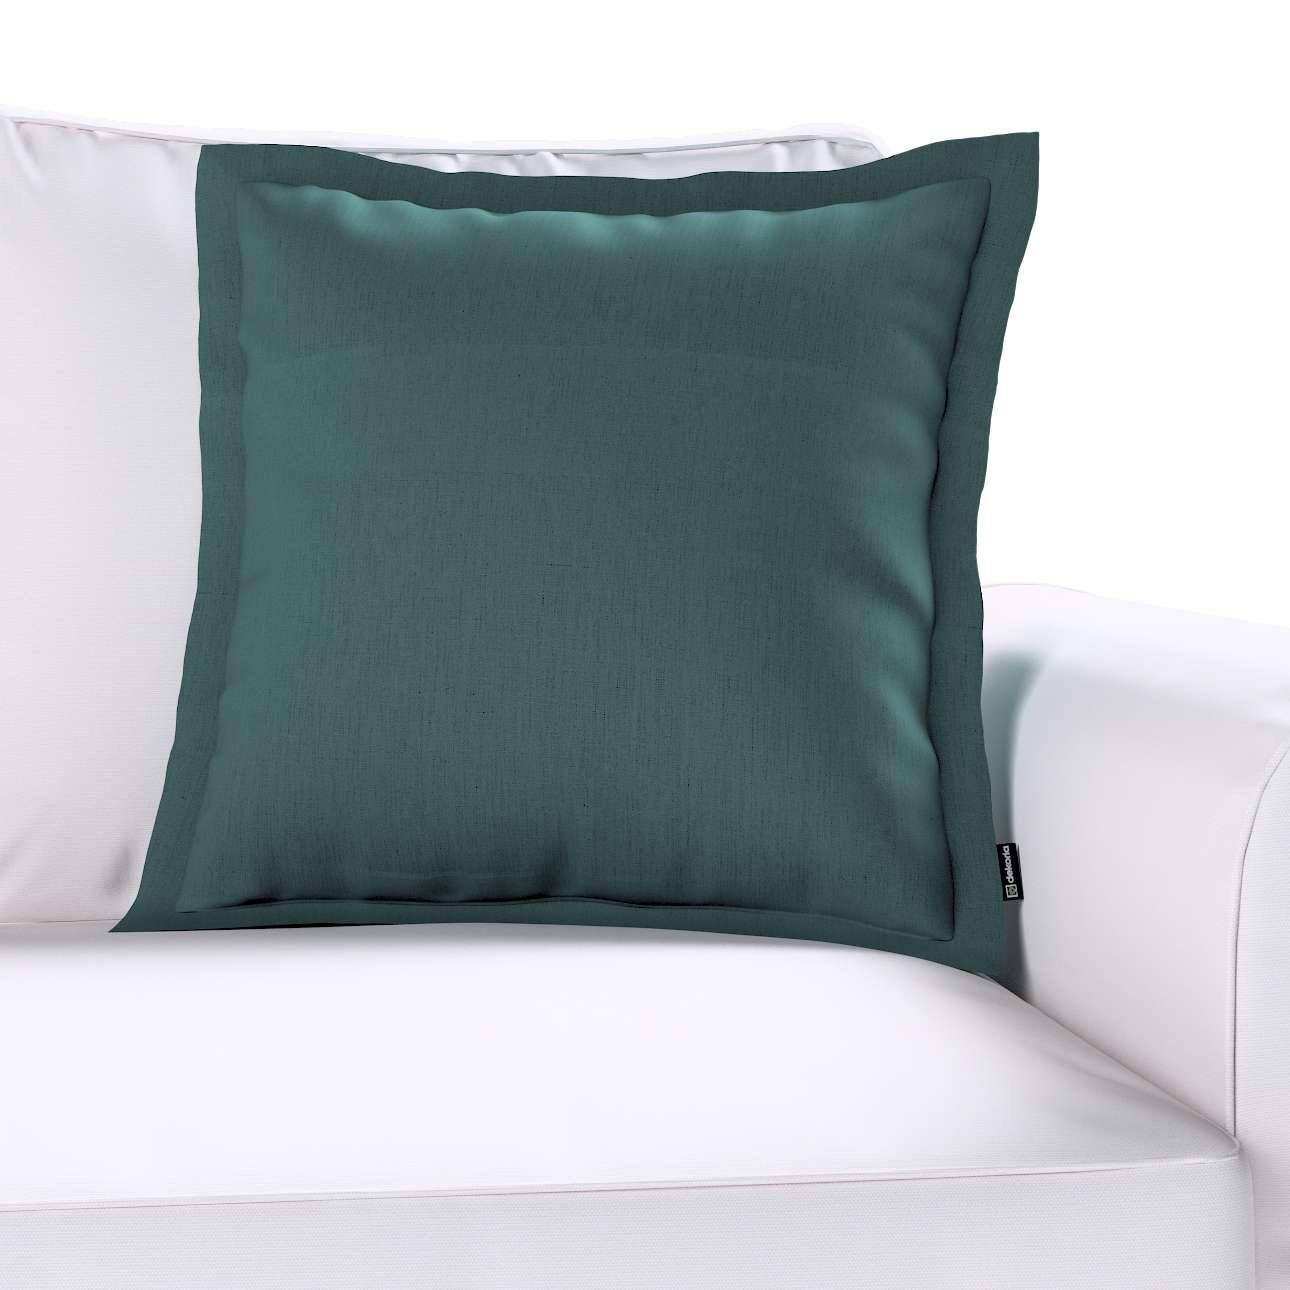 Poszewka Mona na poduszkę w kolekcji Linen, tkanina: 159-09